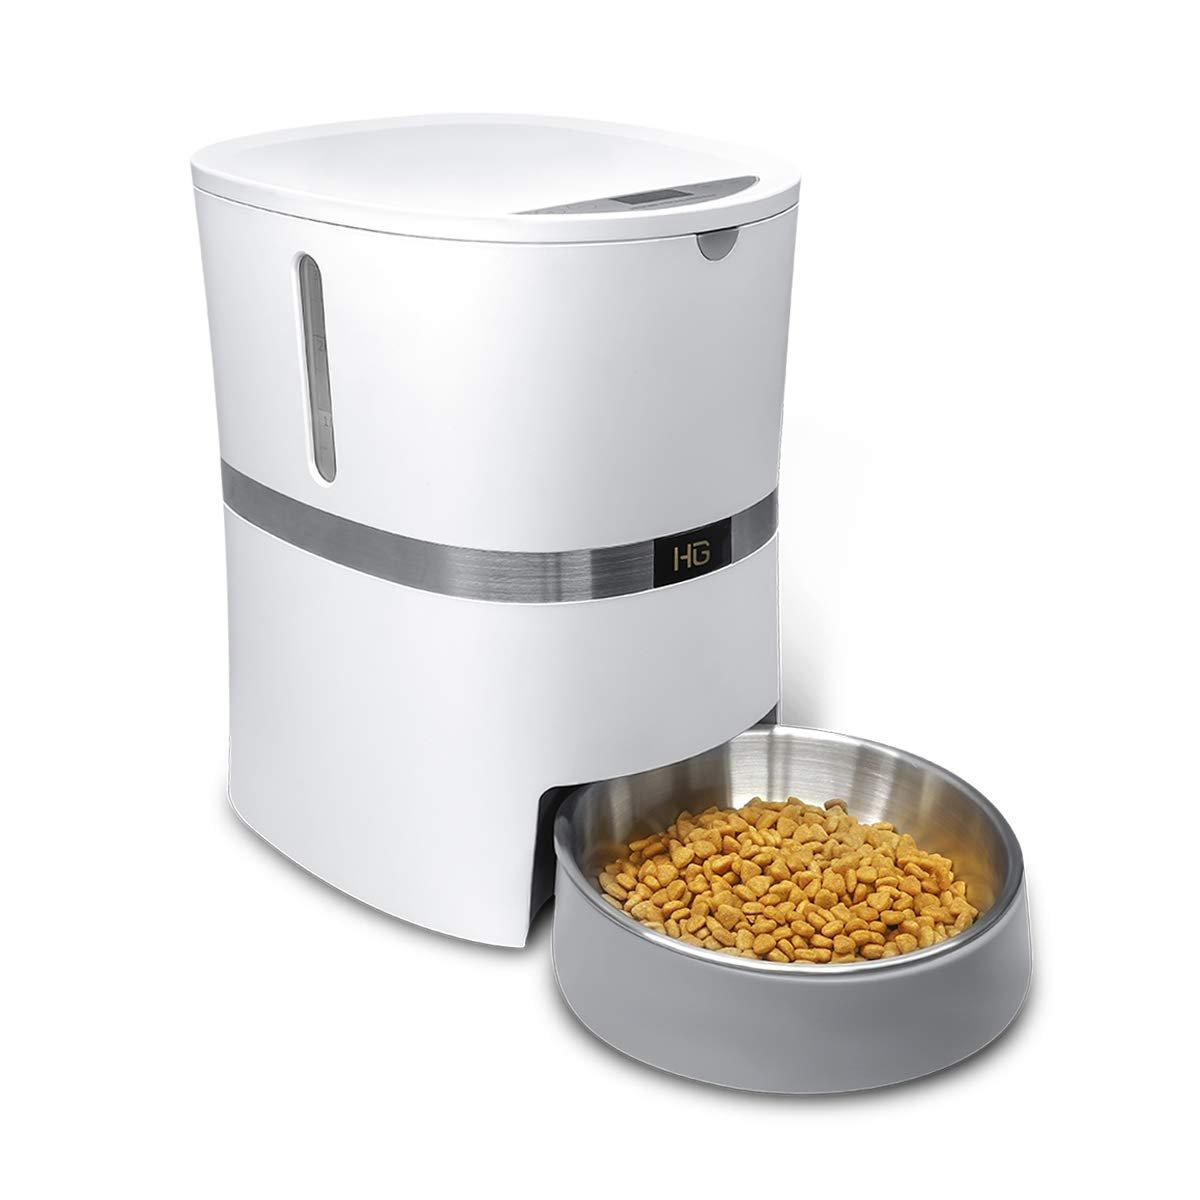 A36 Automatic Feeder (HoneyGuaridan) Image